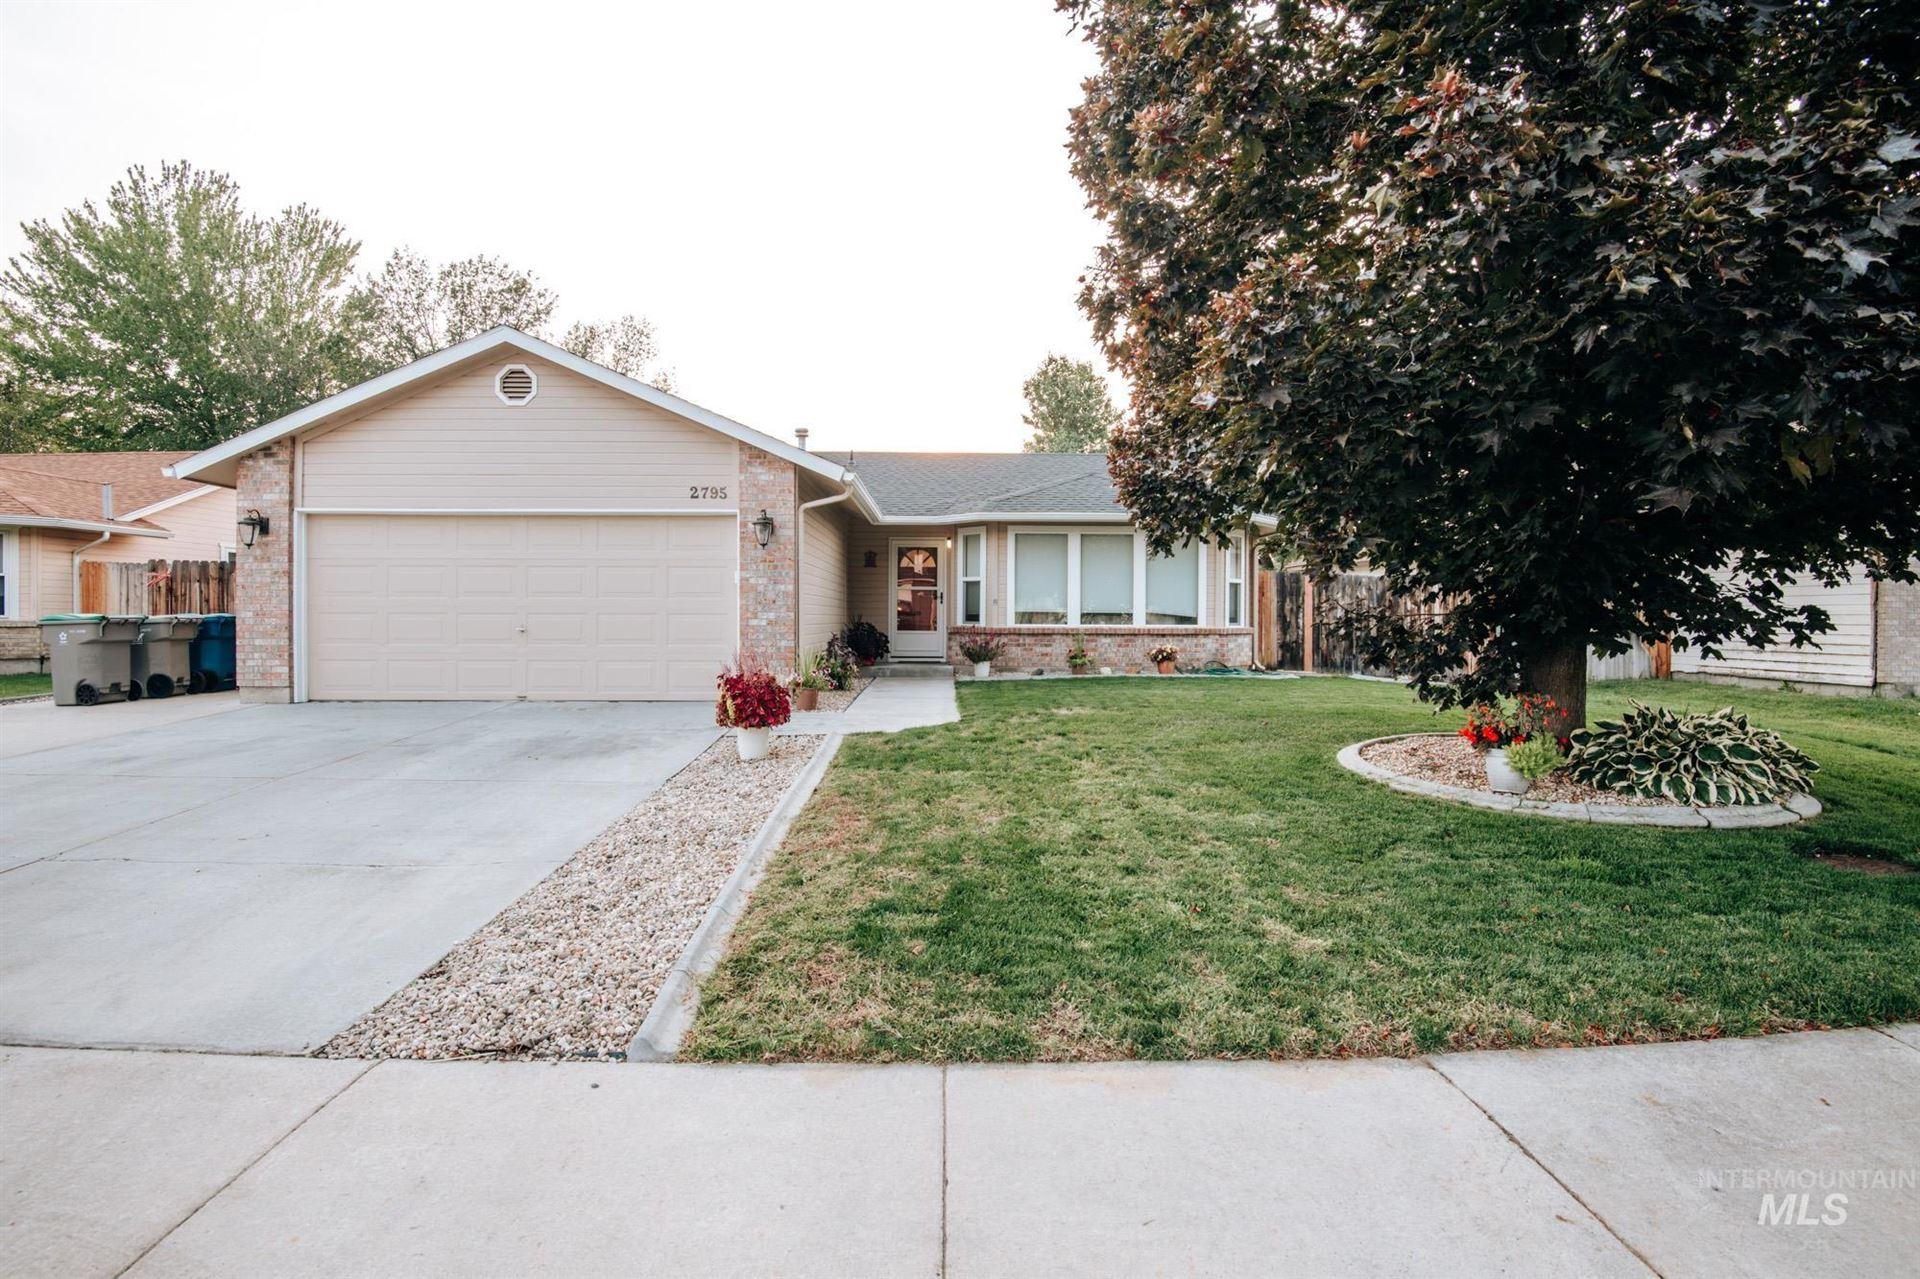 2795 S Zola Ave, Boise, ID 83705 - MLS#: 98818253